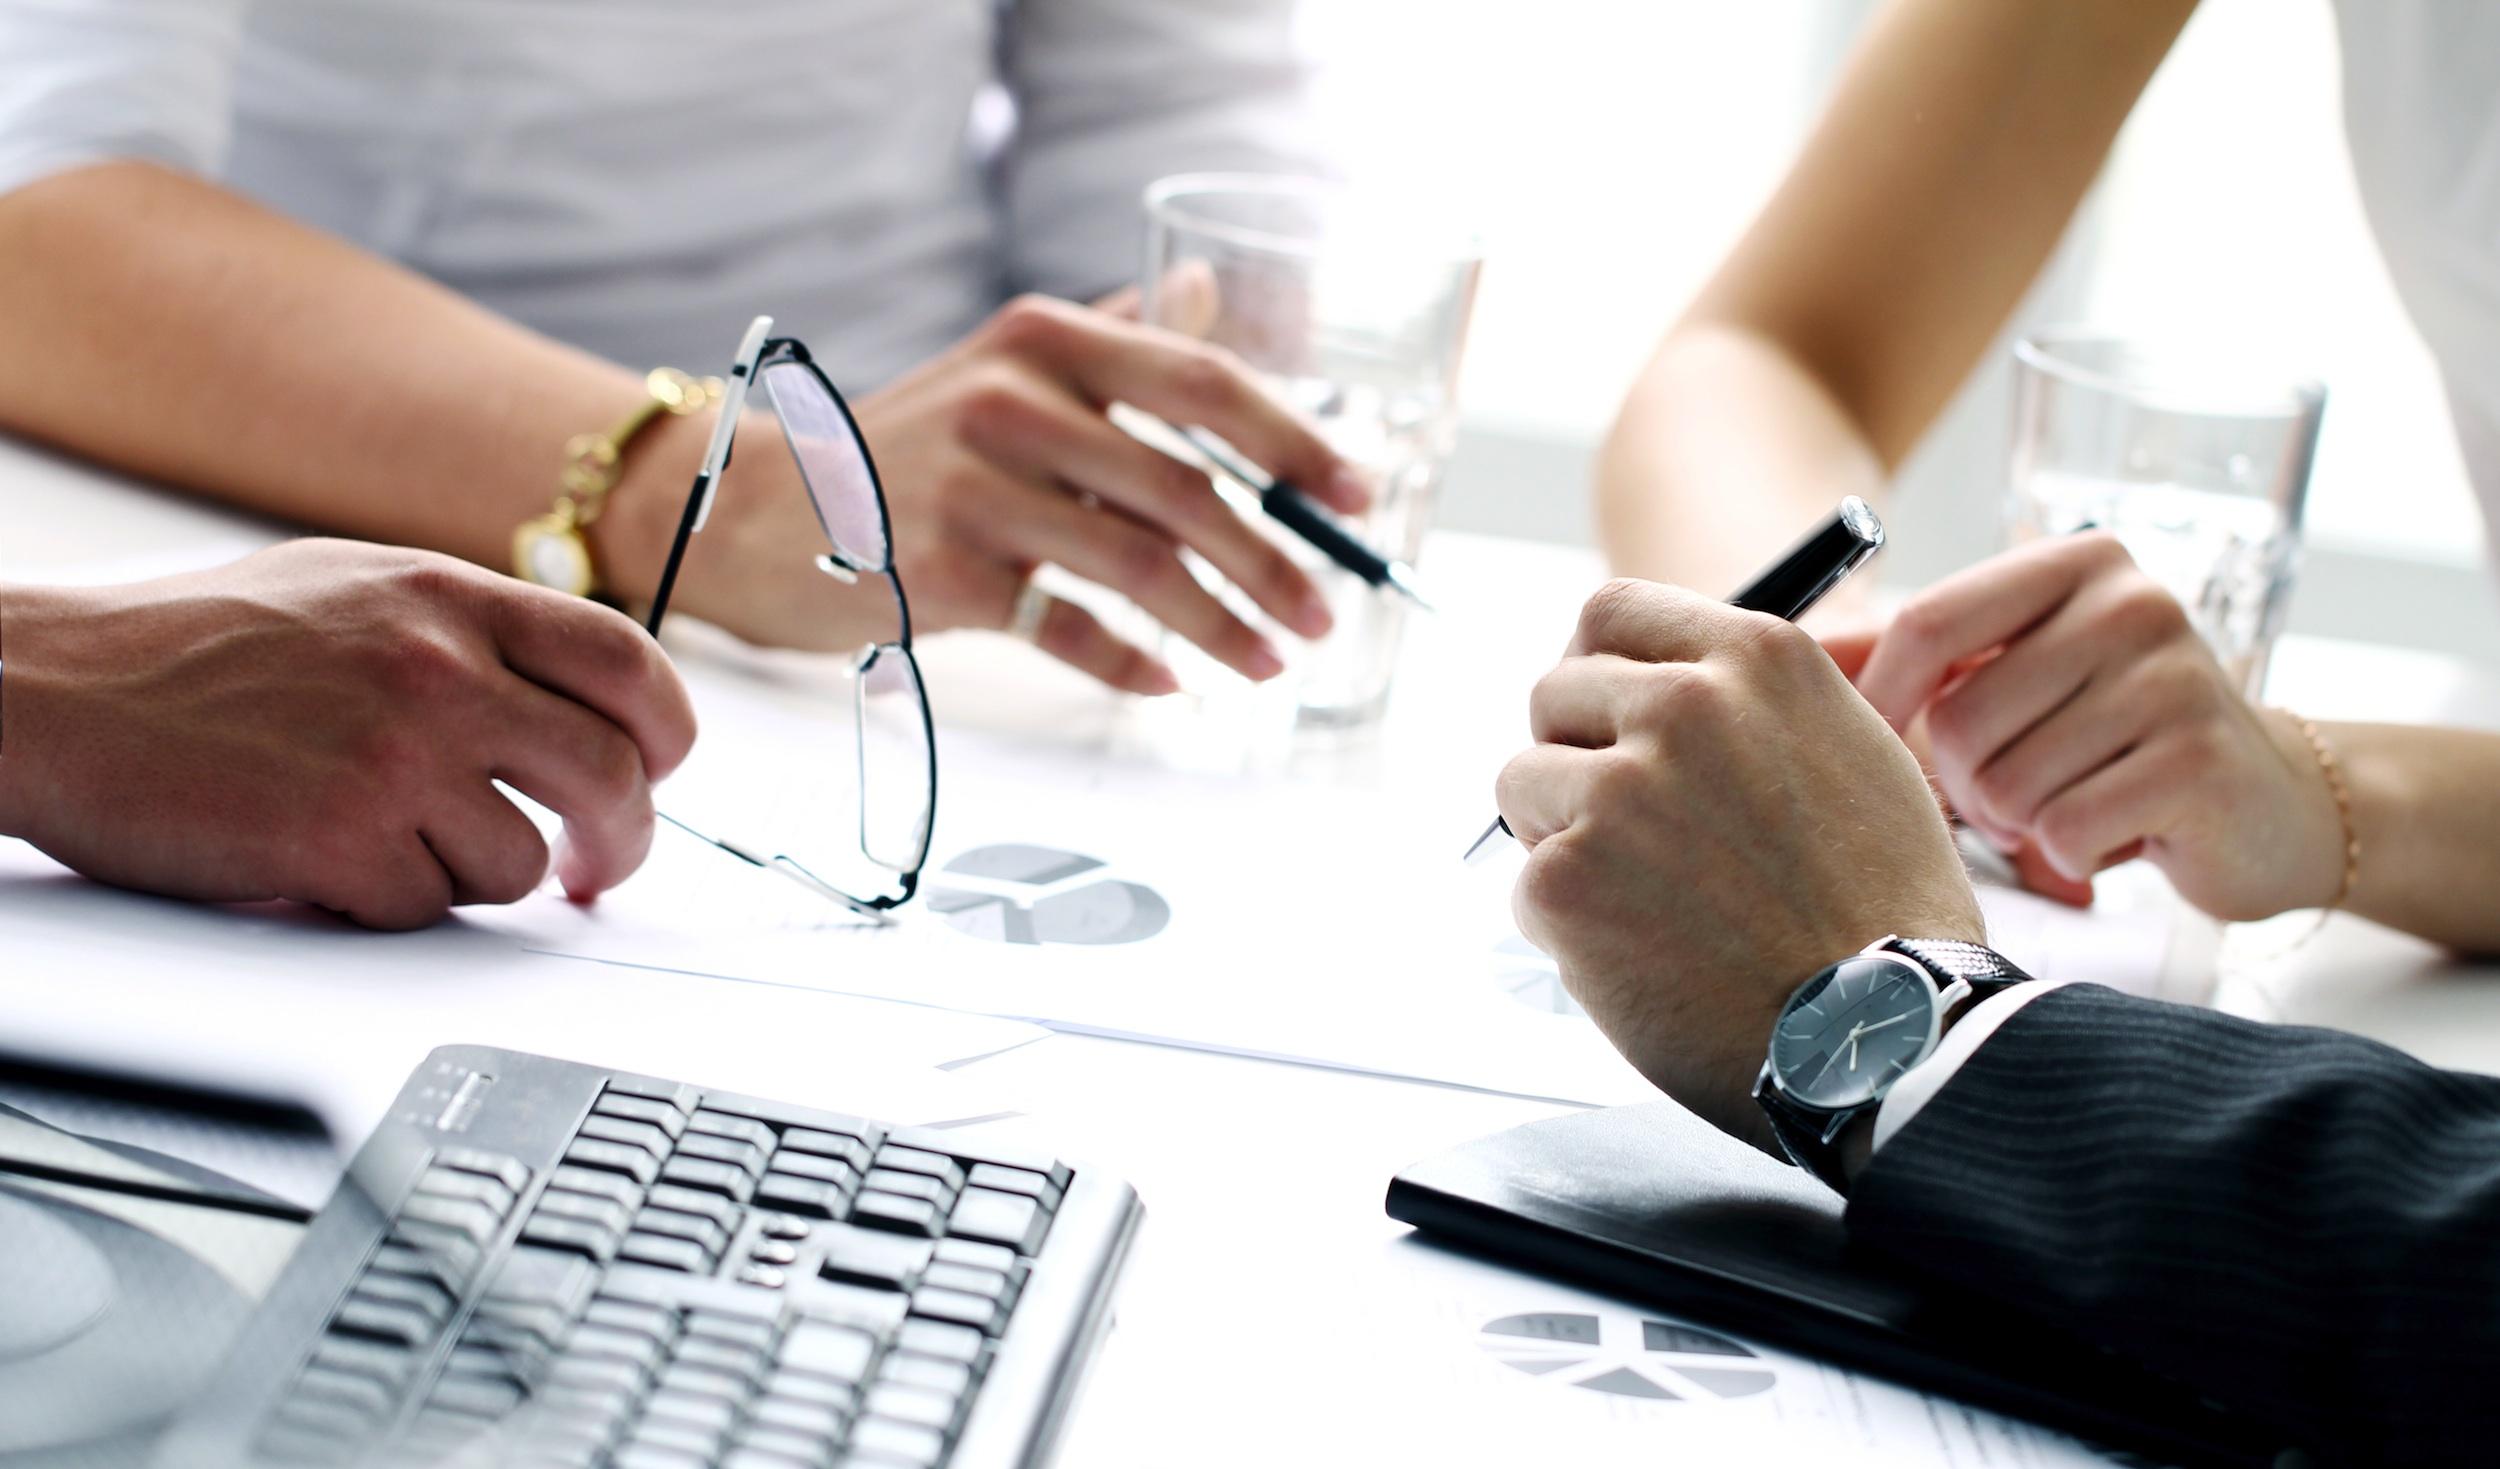 روکیدا | چگونه مهارت حل مسئله در کسبوکارها را پیدا کنیم؟ | توسعه و پیشرفت شخصی, توسعه کسب و کار, مدیریت استارتاپ, مدیریت زمان, مدیریت کسب و کار, موفقیت در کسب و کار, کارآفرینی